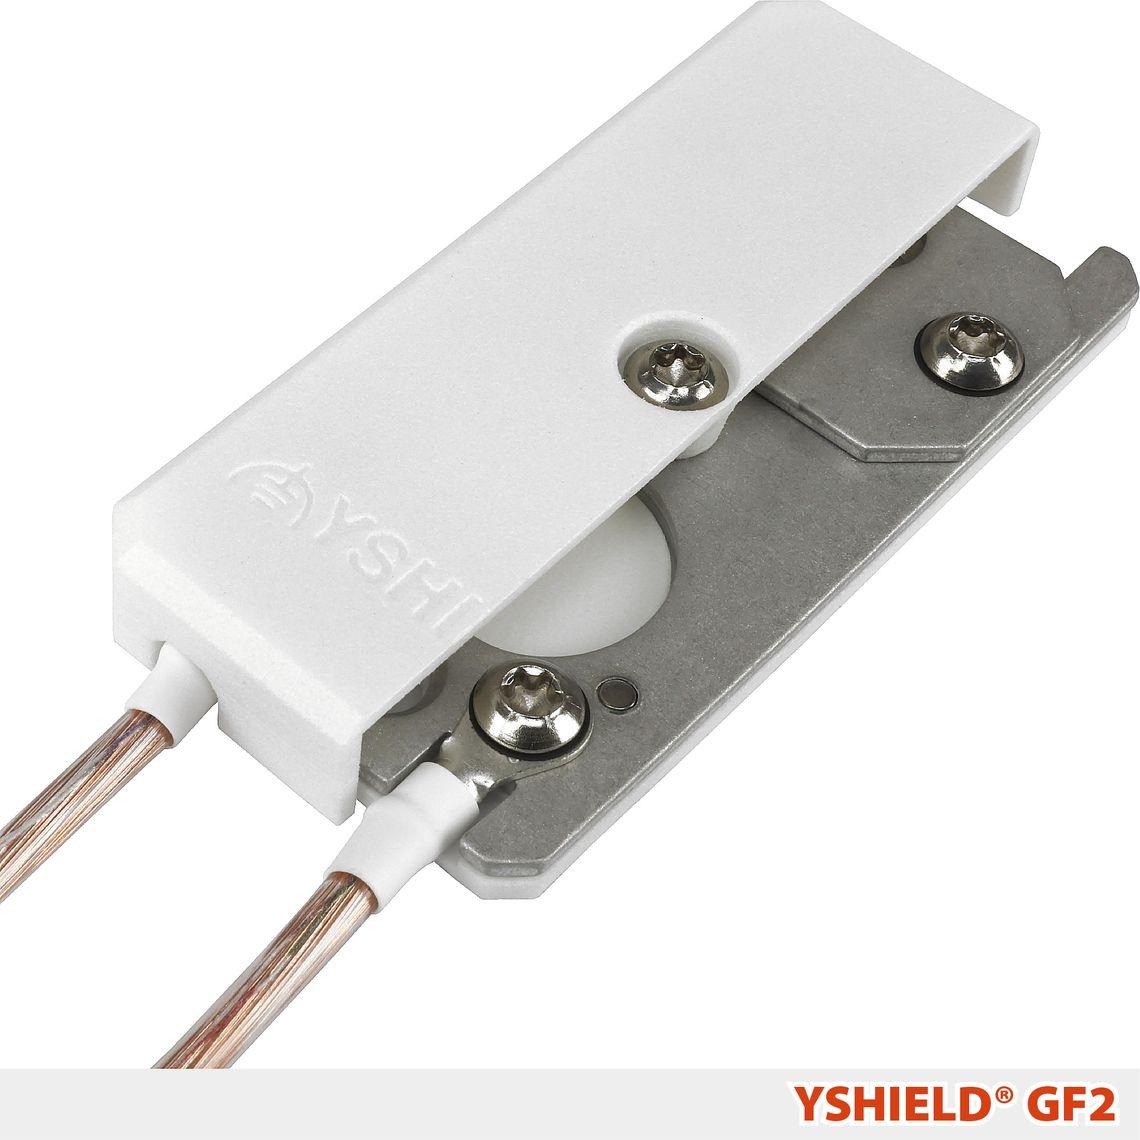 YSHIELD® GF2 | Erdungsgehäuse 40x80 mm